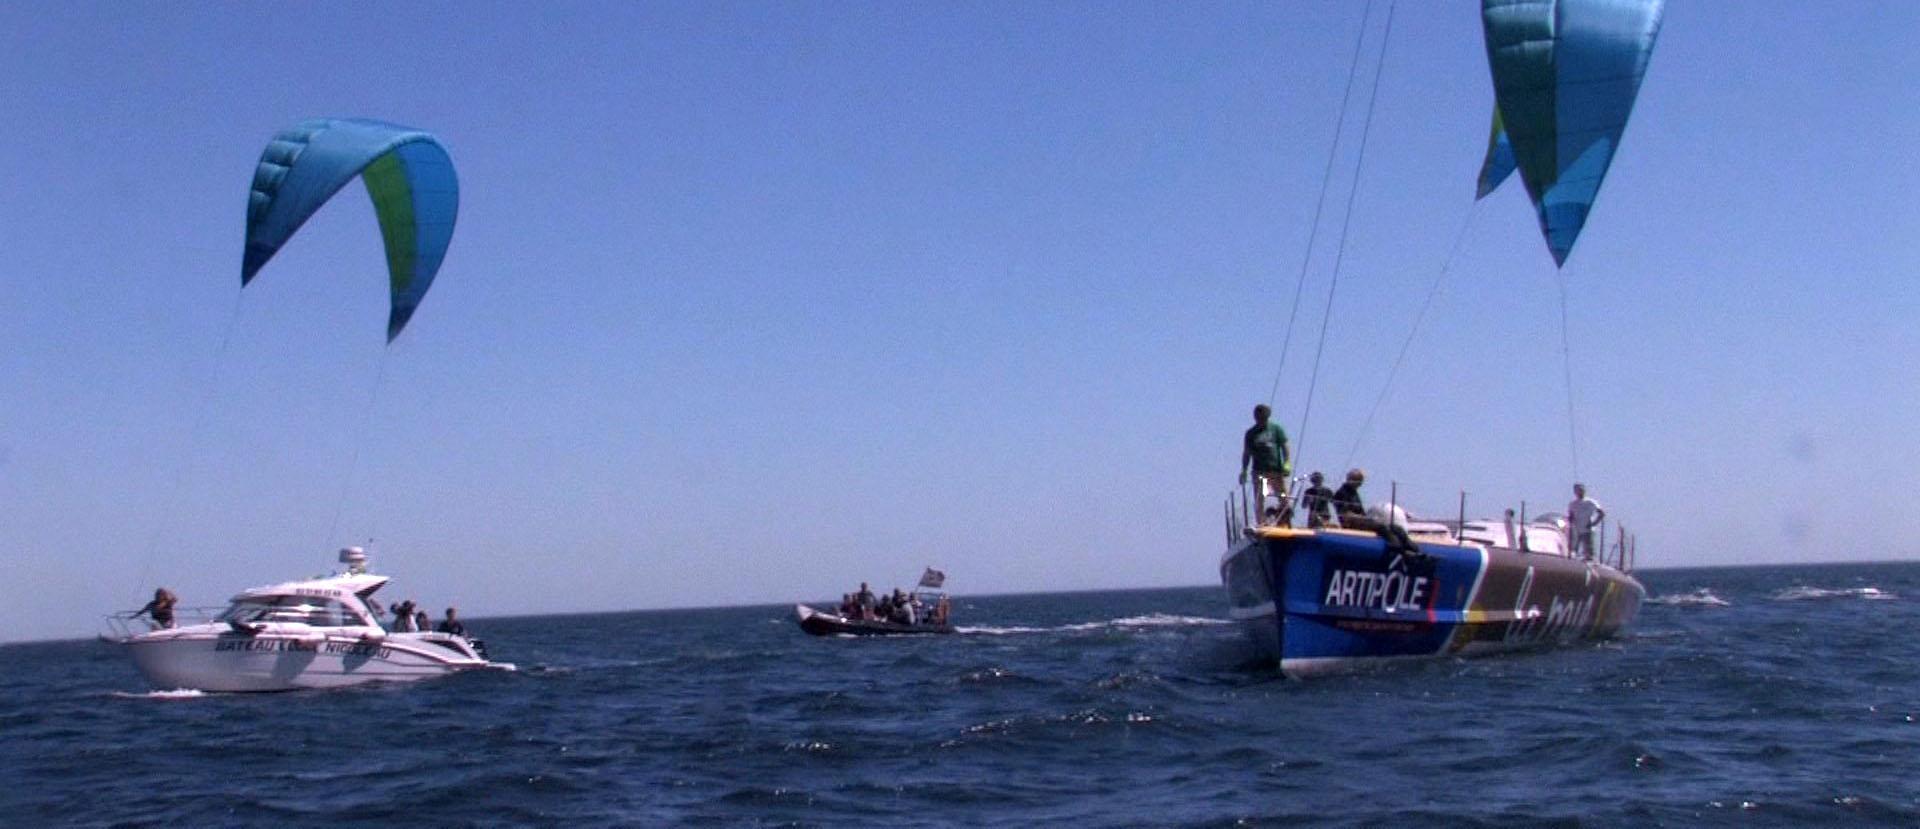 liberty-kite-bateau-11